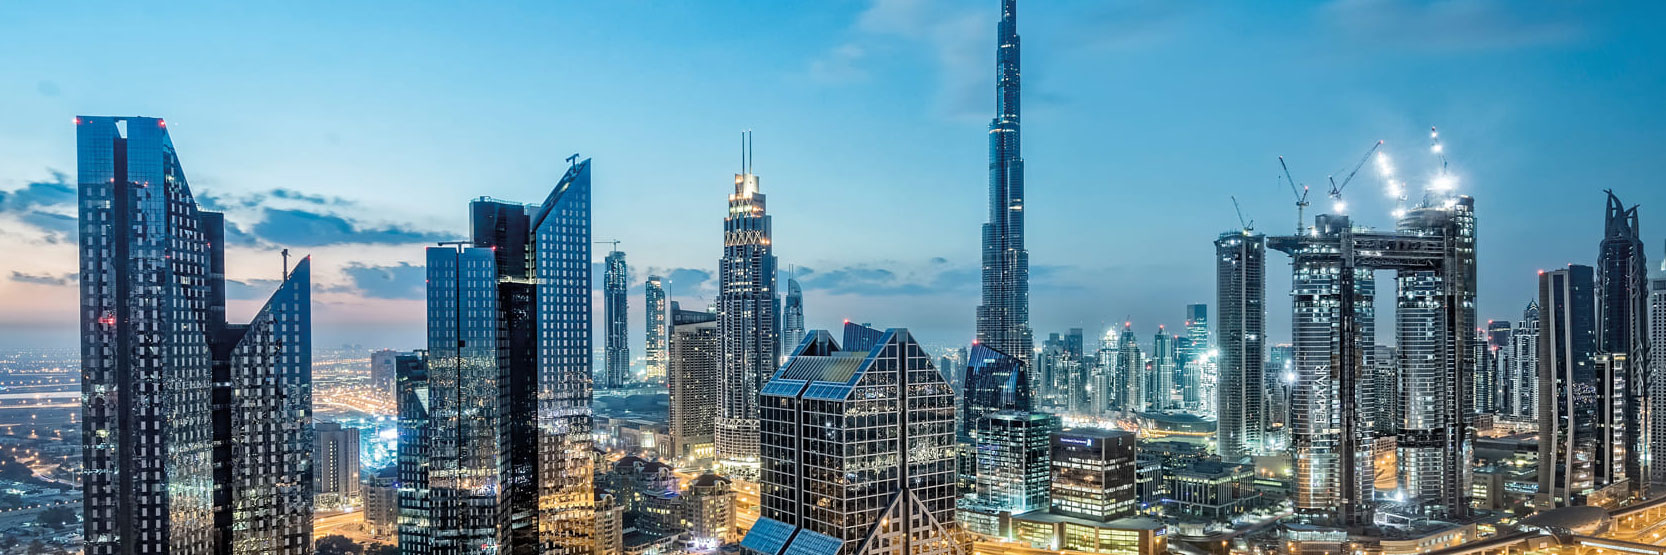 أهم الوجهات السياحية في مدينة دبي